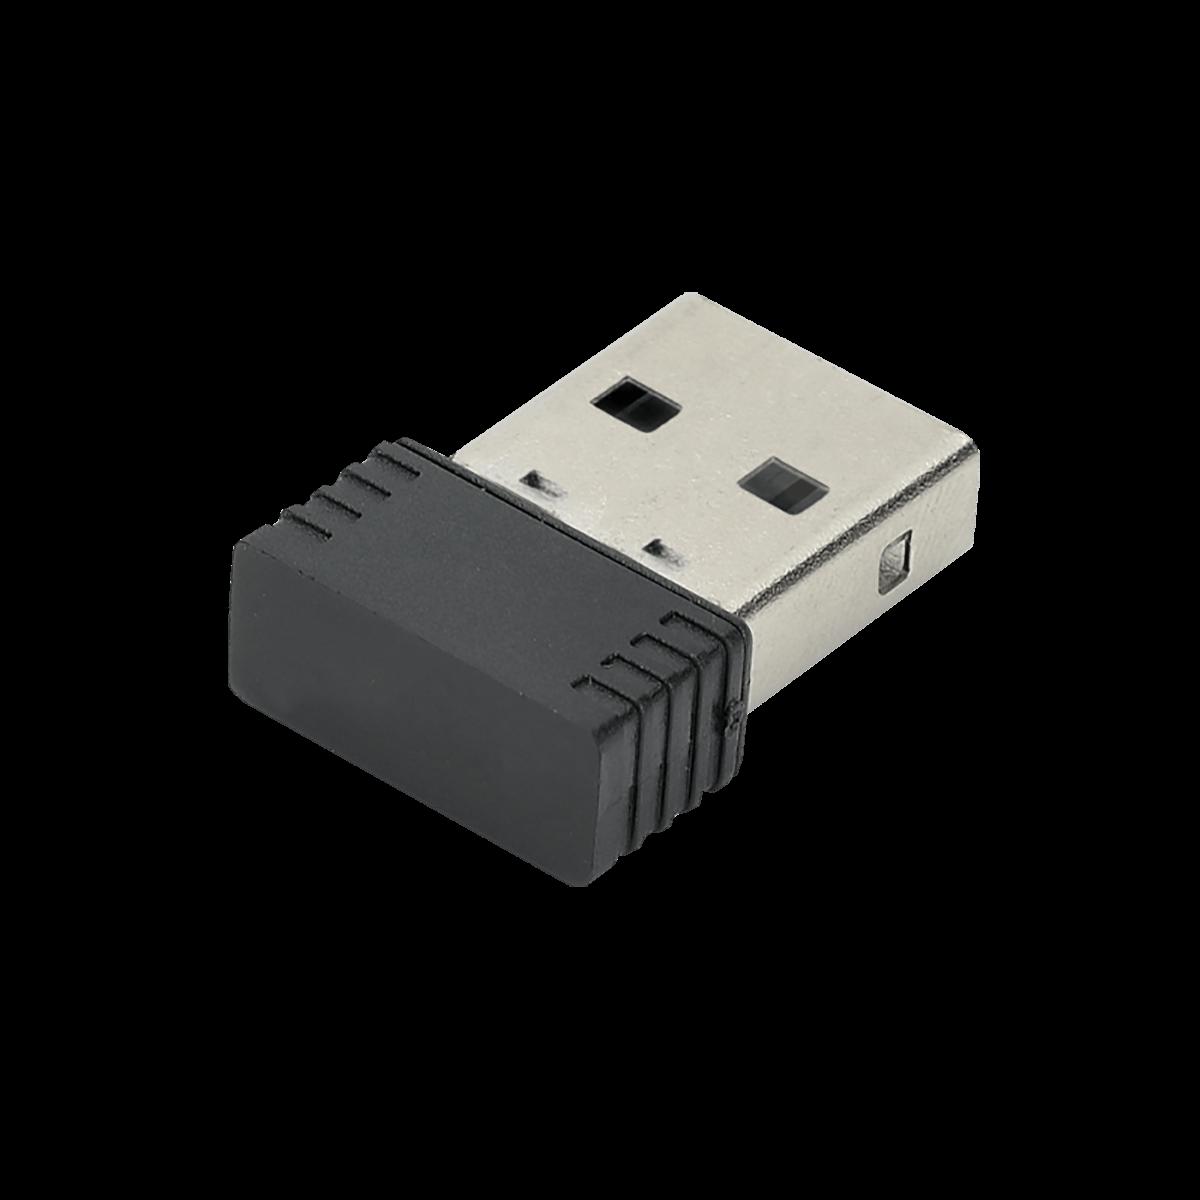 Mini Wifi Usb 2 0 Adapter 802 11n Samm Market